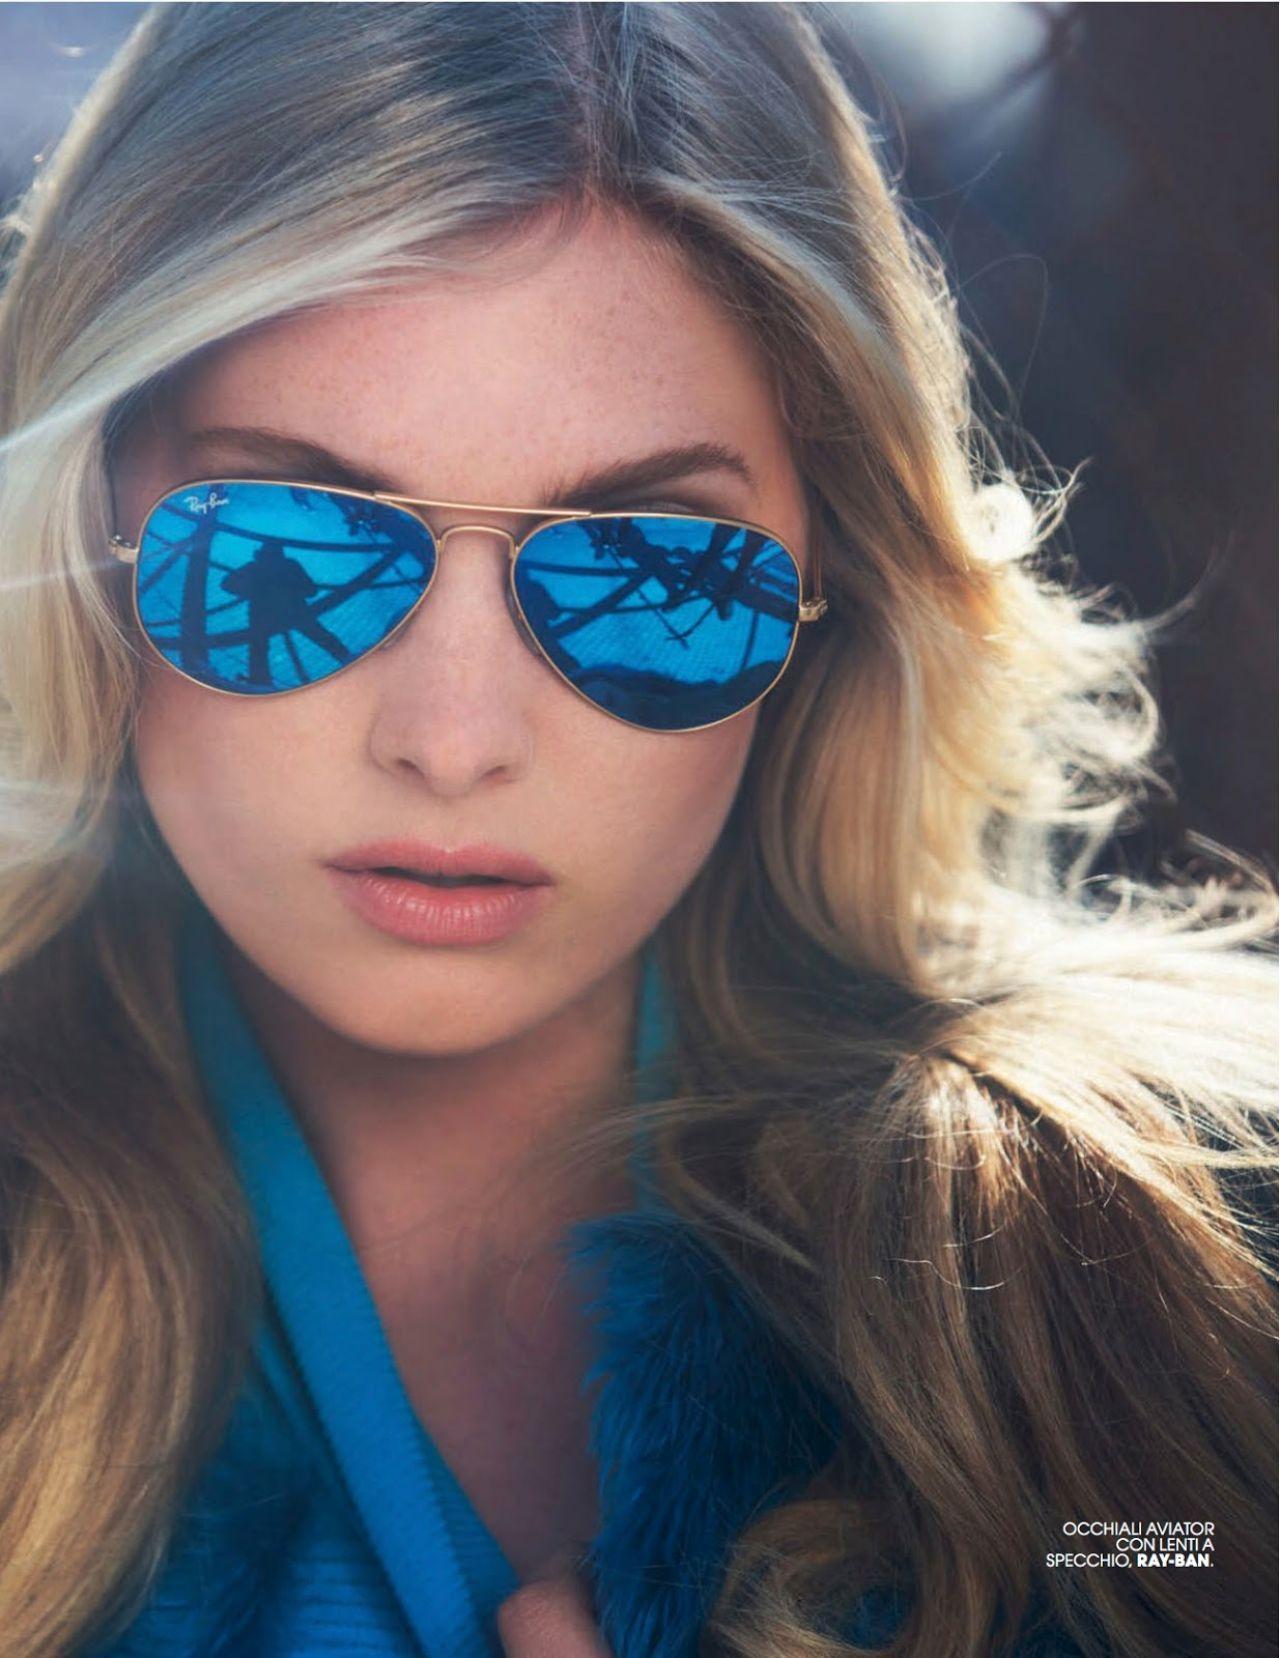 Elsa Hosk in RayBan Aviators Sunglasses RB3025 BLUE LENSES